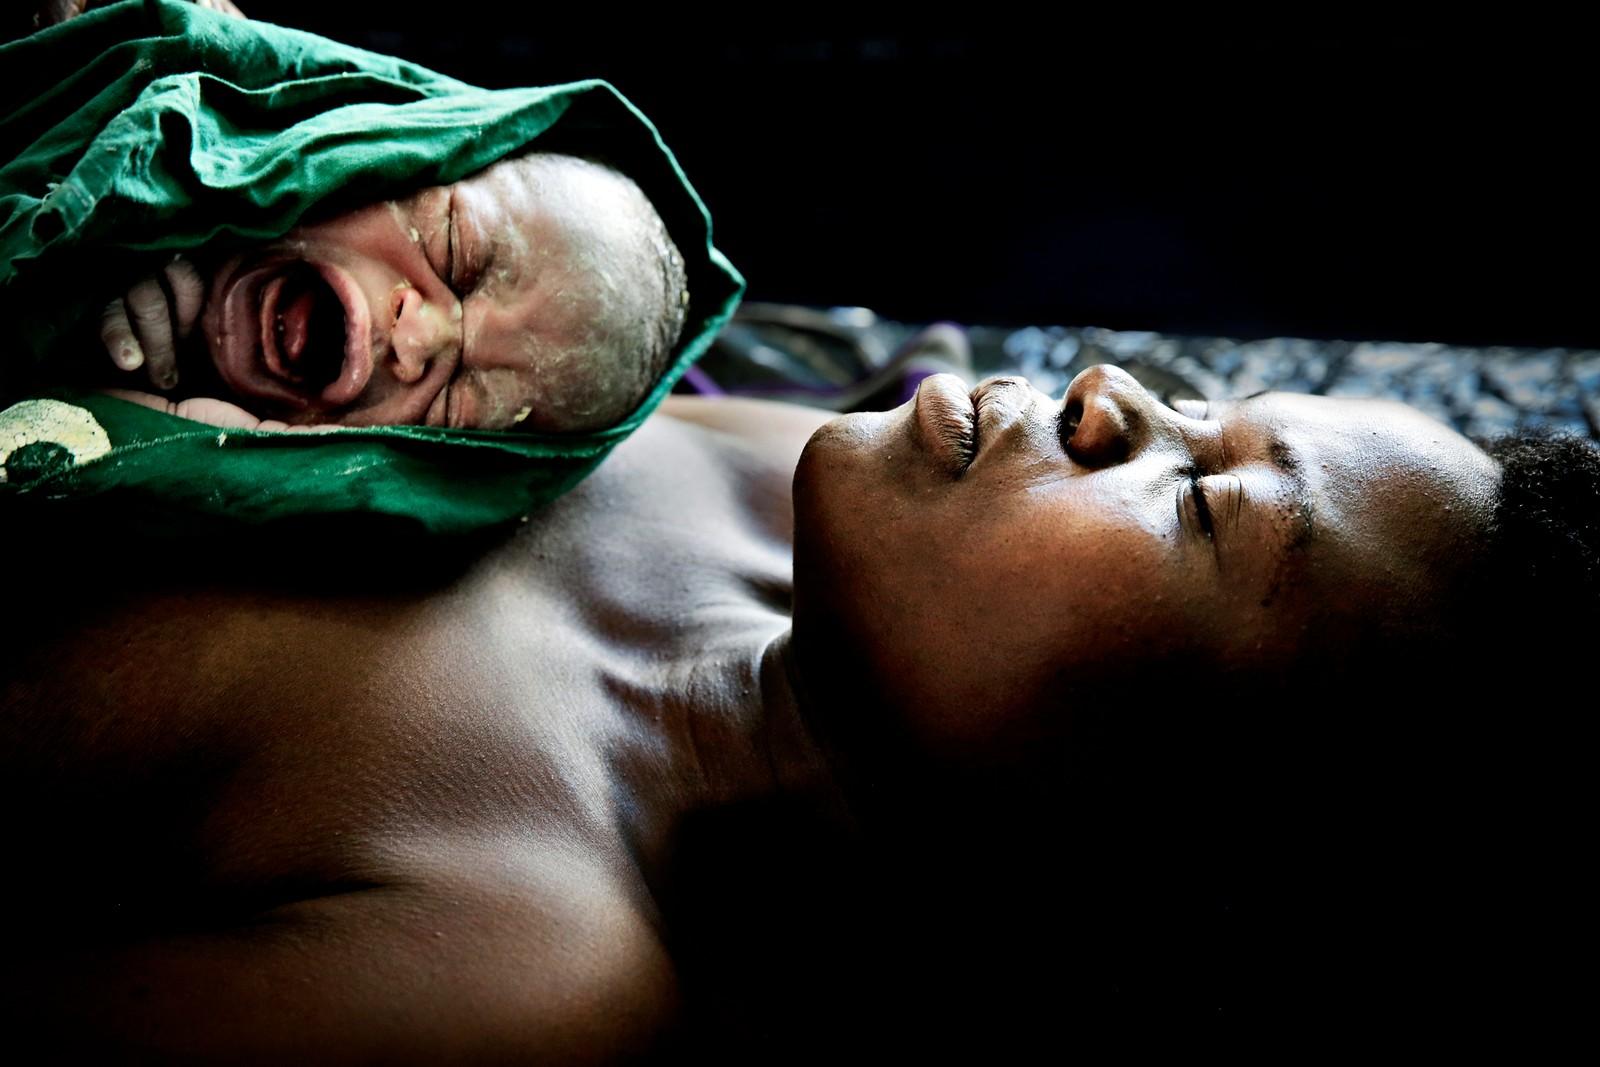 Norge har satt arbeidet for å nå FNs tusenårsmål nummer 5 om å hindre at kvinner dør når de gir liv. Blant de 8 tusenårsmålene er dette lengst fra å bli nådd. Siden 1990 er svangerskapsrelatert dødelighet halvvert, ikke redusert med 3/4 som var målet for FNs medlemsland.  Dette bildet er tatt i den timen Estery Gabriel ble fembarnsmor. Det nye livet skriker inntil mors bryst. Mbela helsesenter i Malawi mottar norsk bistand.